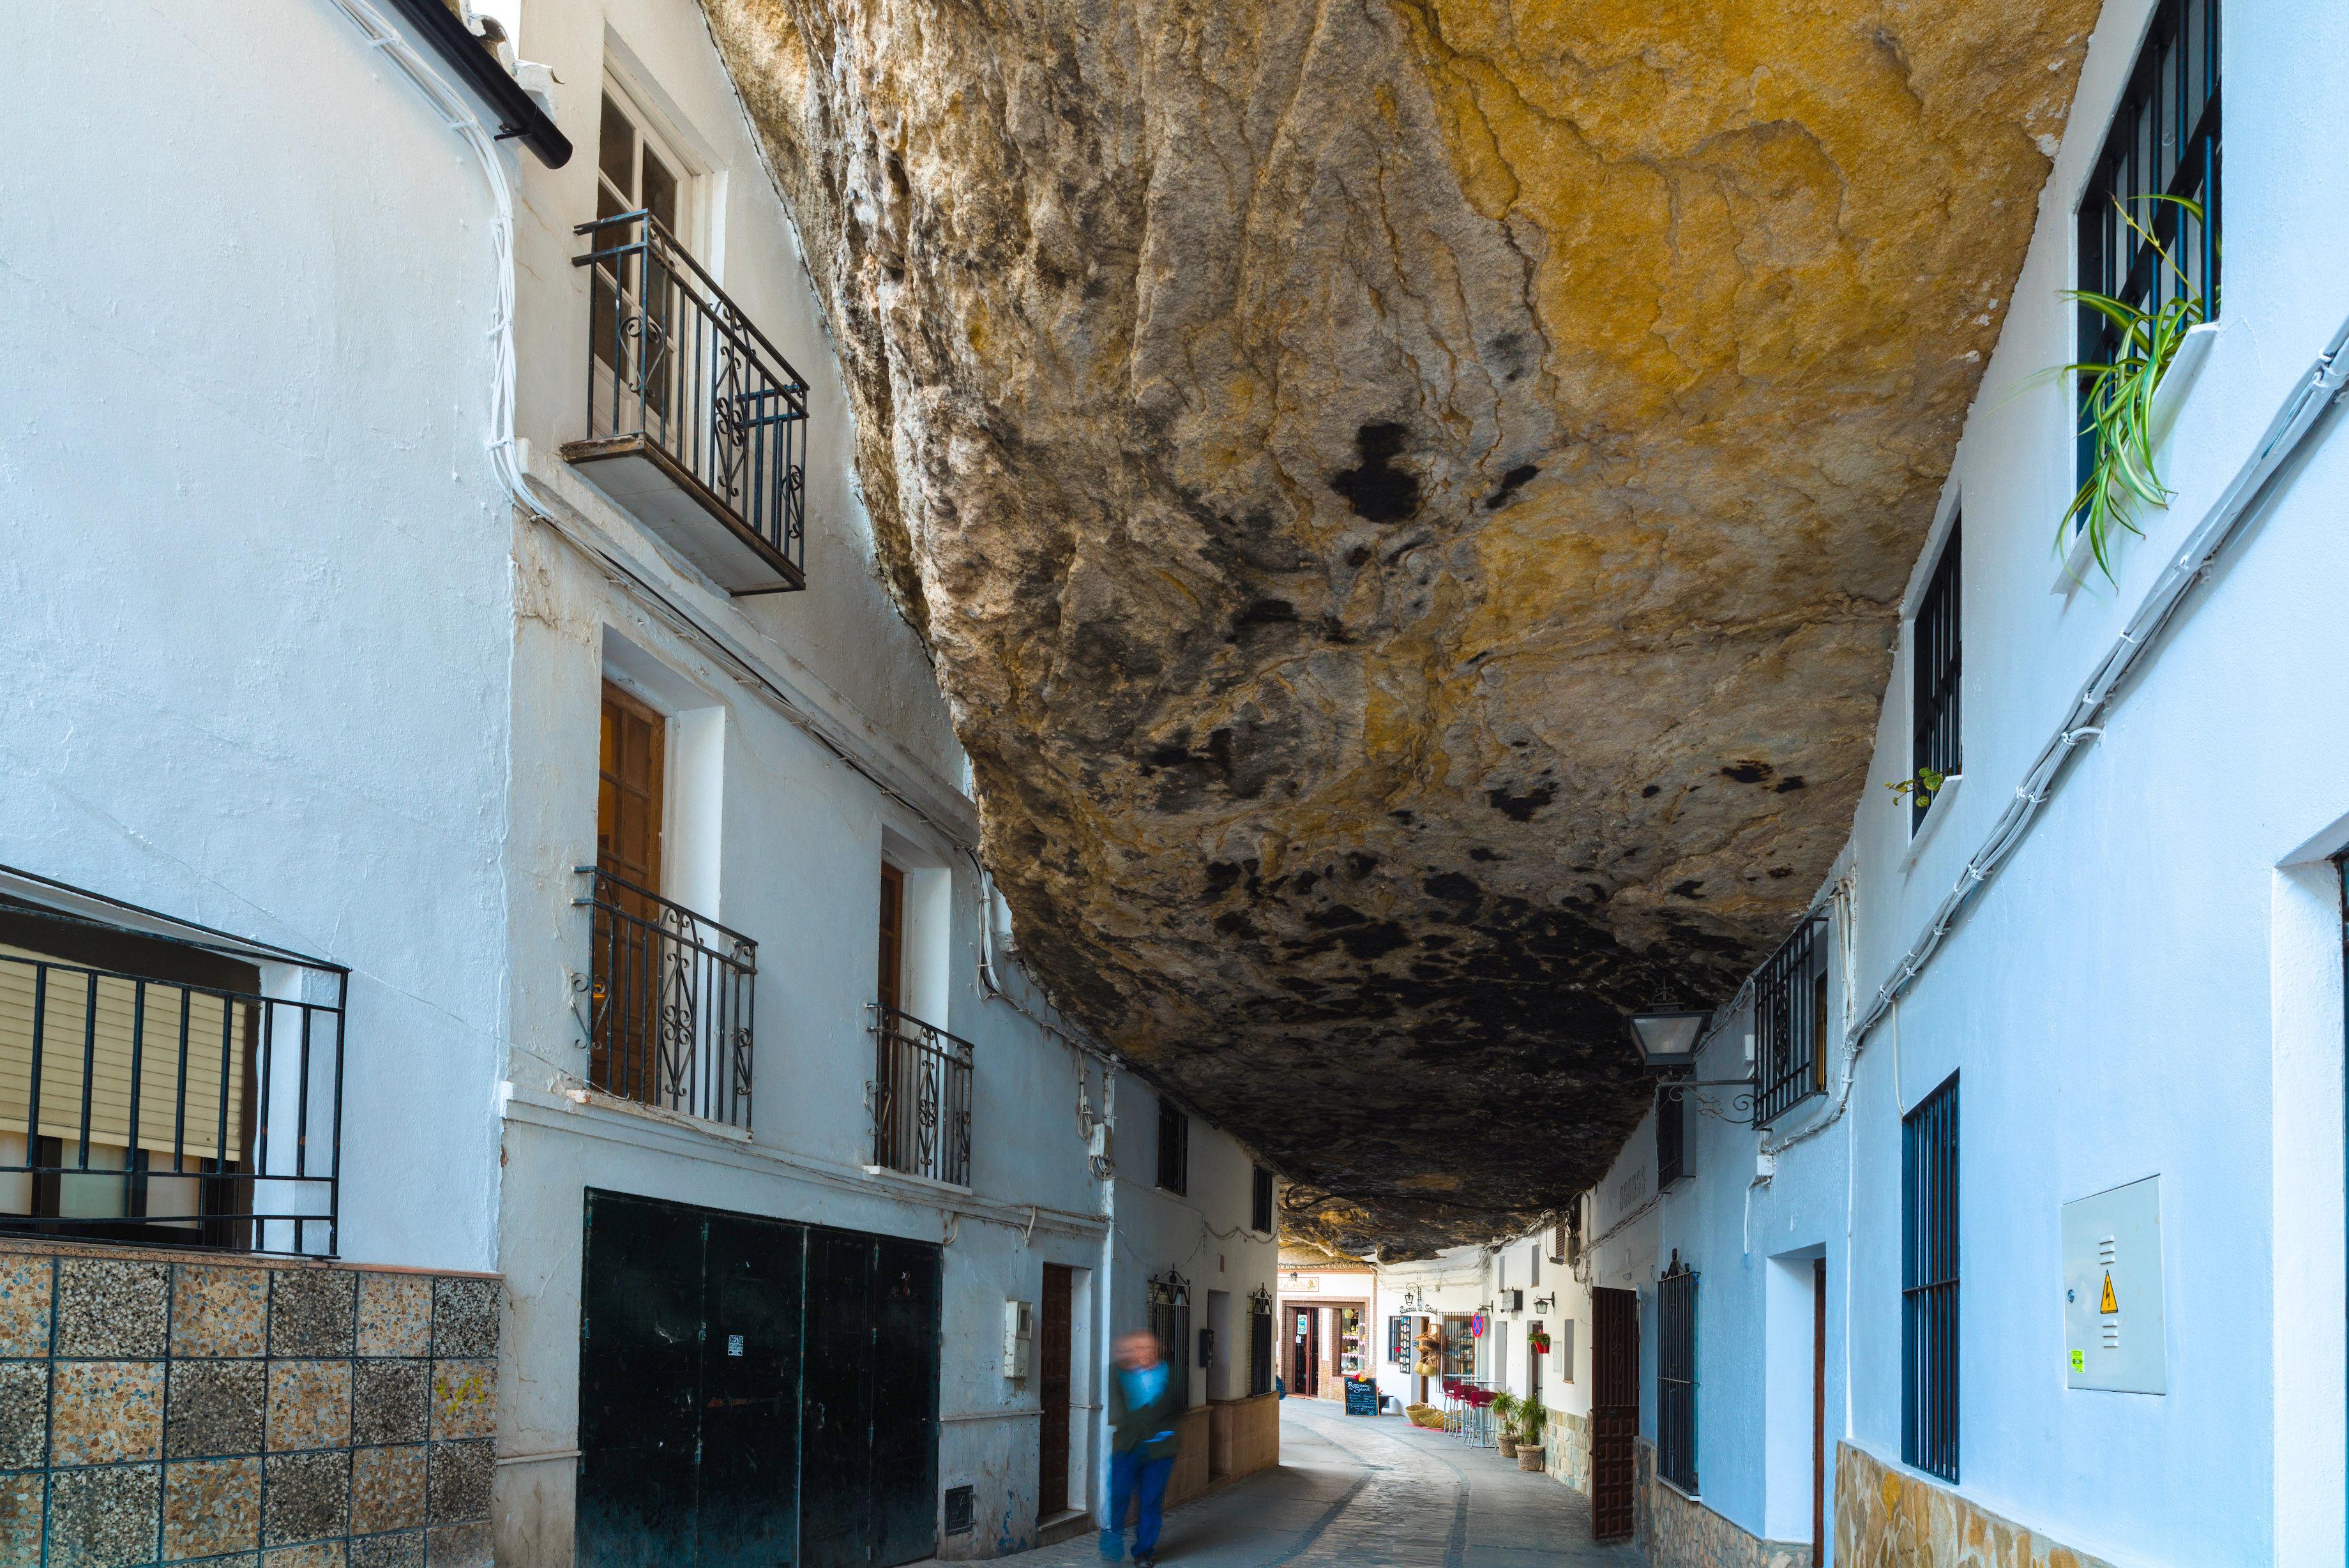 Turismo rural en setenil de las bodegas - Bodegas en sotanos de casas ...